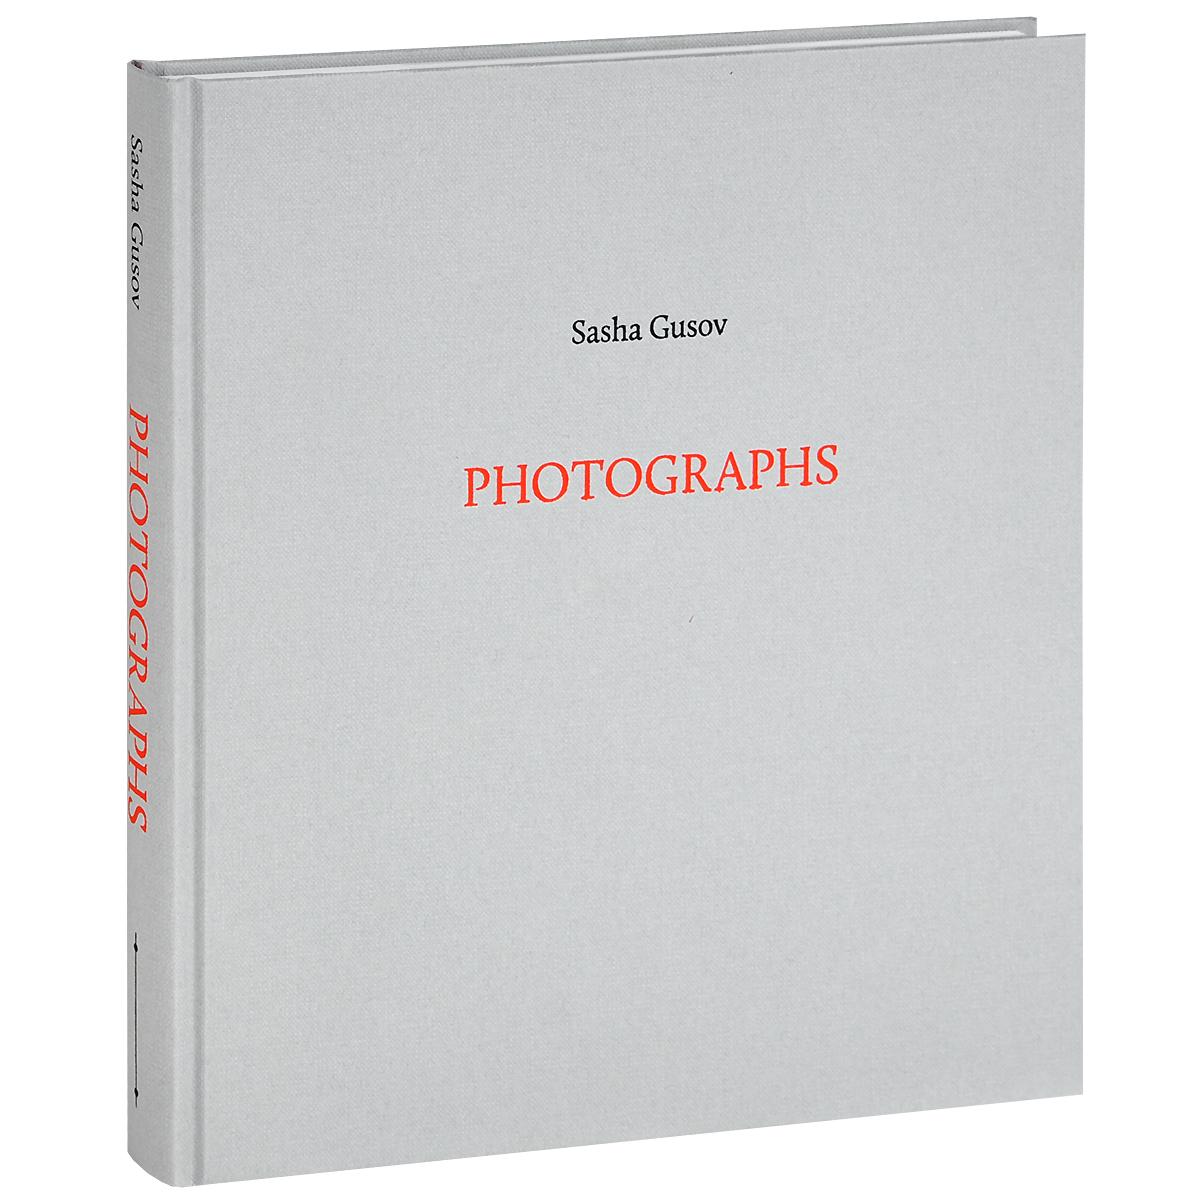 Андрей Наврозов Sasha Gusov: Photographs конструкторы engino алекс приключения во времени открывая автомобили